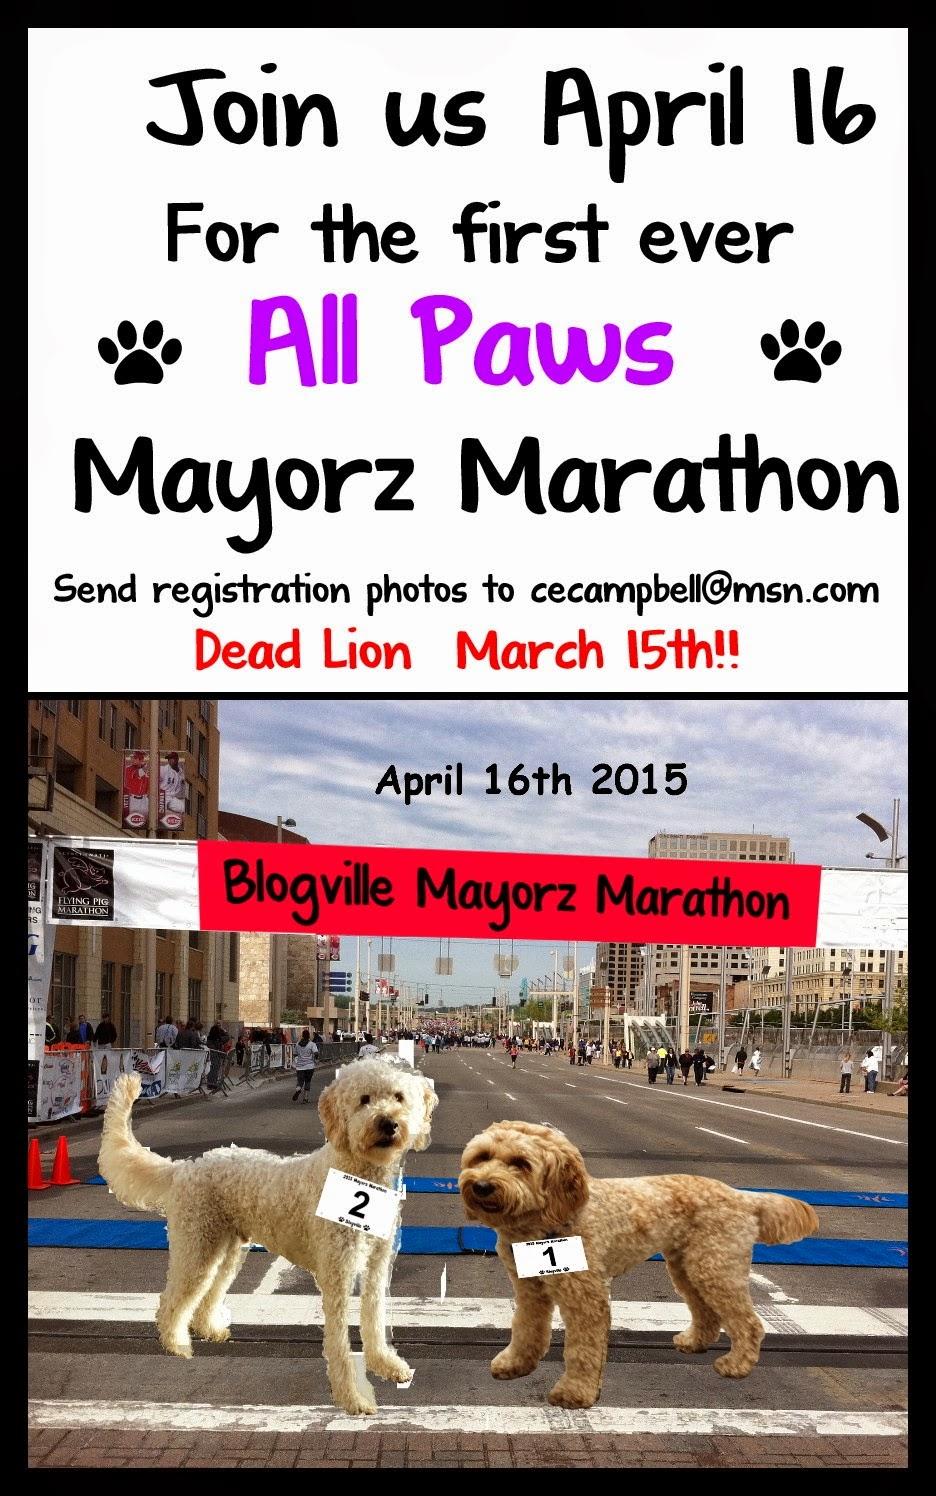 Blogville's first Marathon